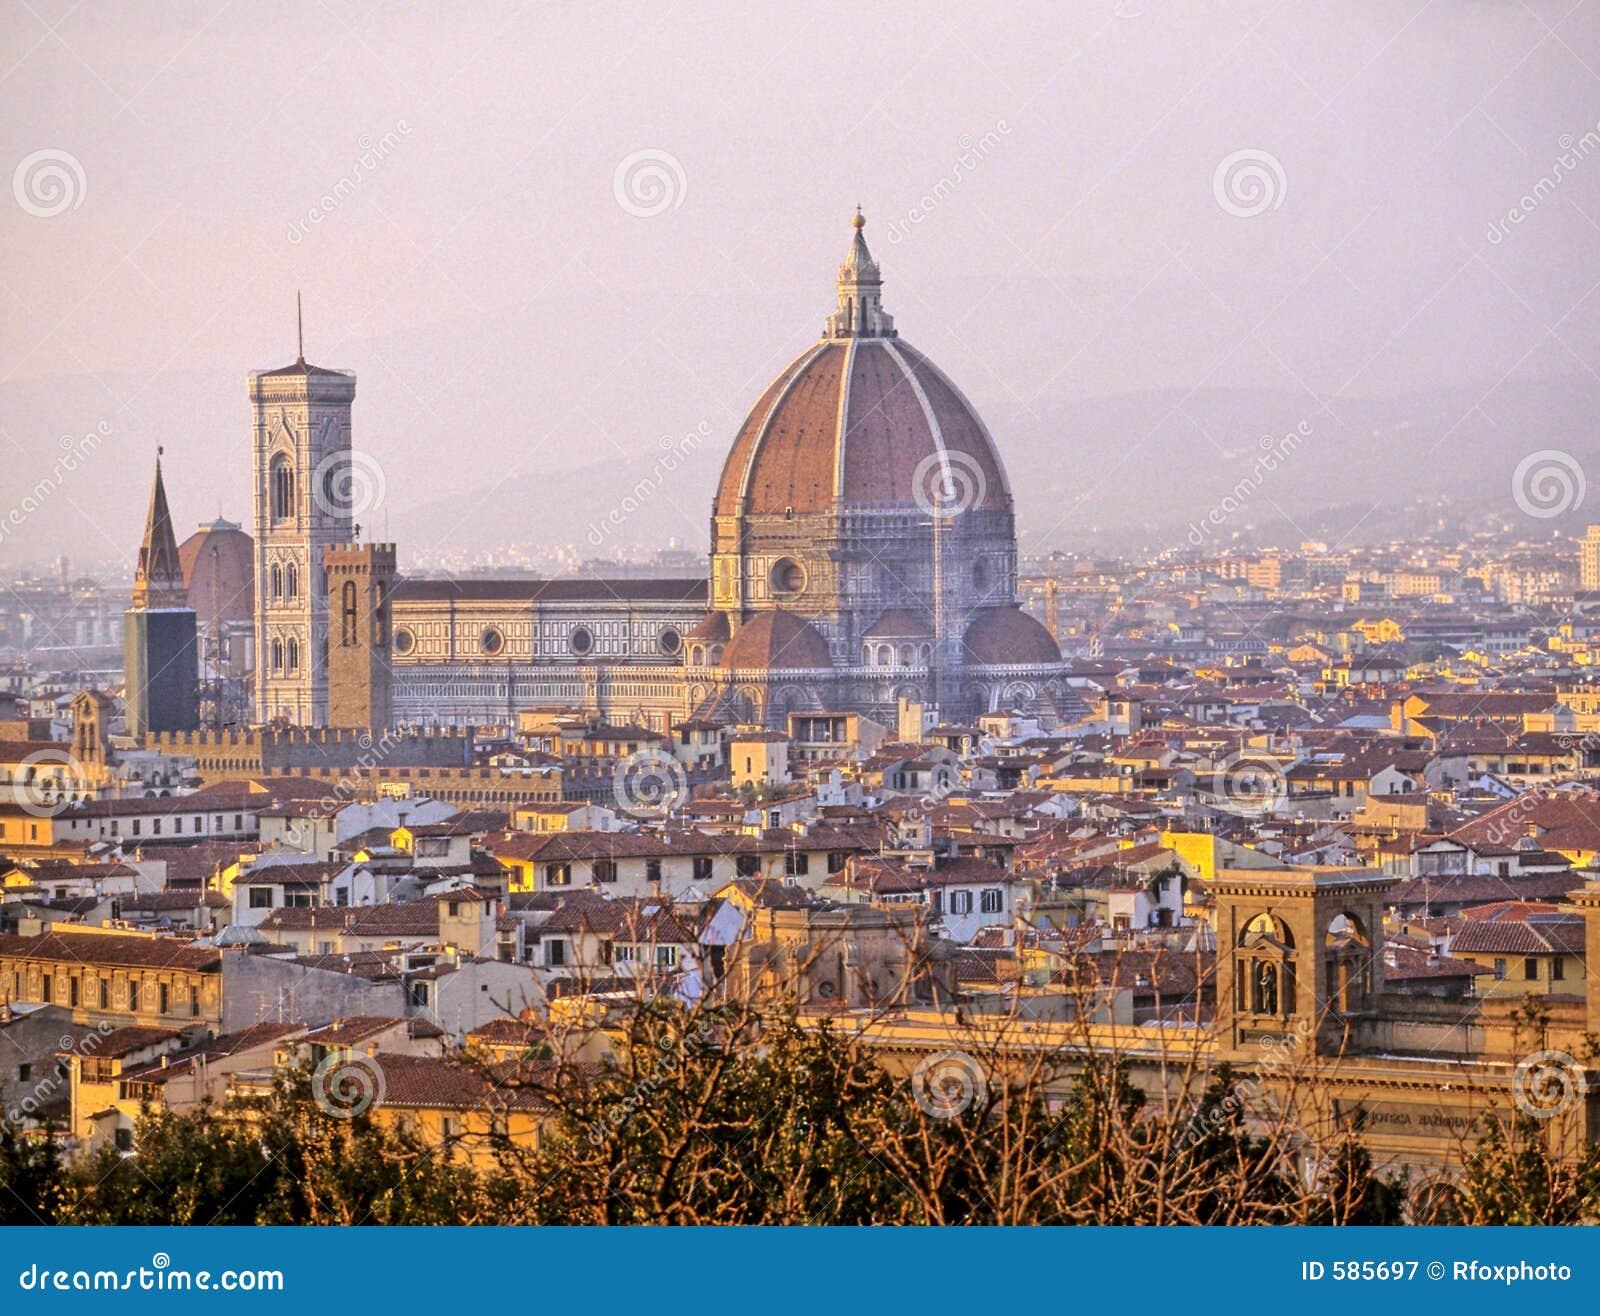 Duomo- Florence, Italië